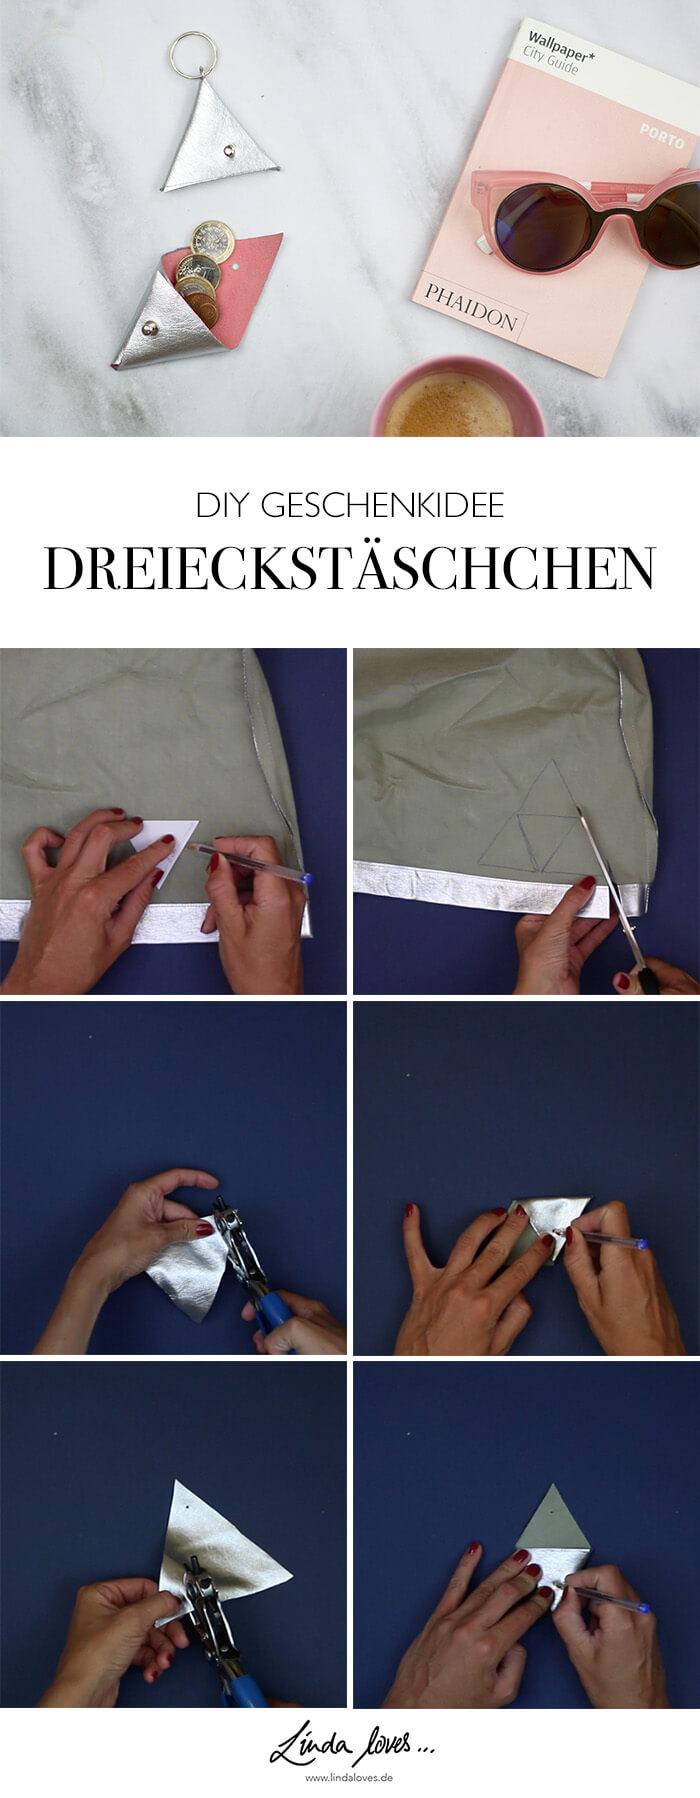 DIY Anleitung Schraubnieten Täschechen Geschenkidee zum selber machen - DIY Blog lindaloves.de